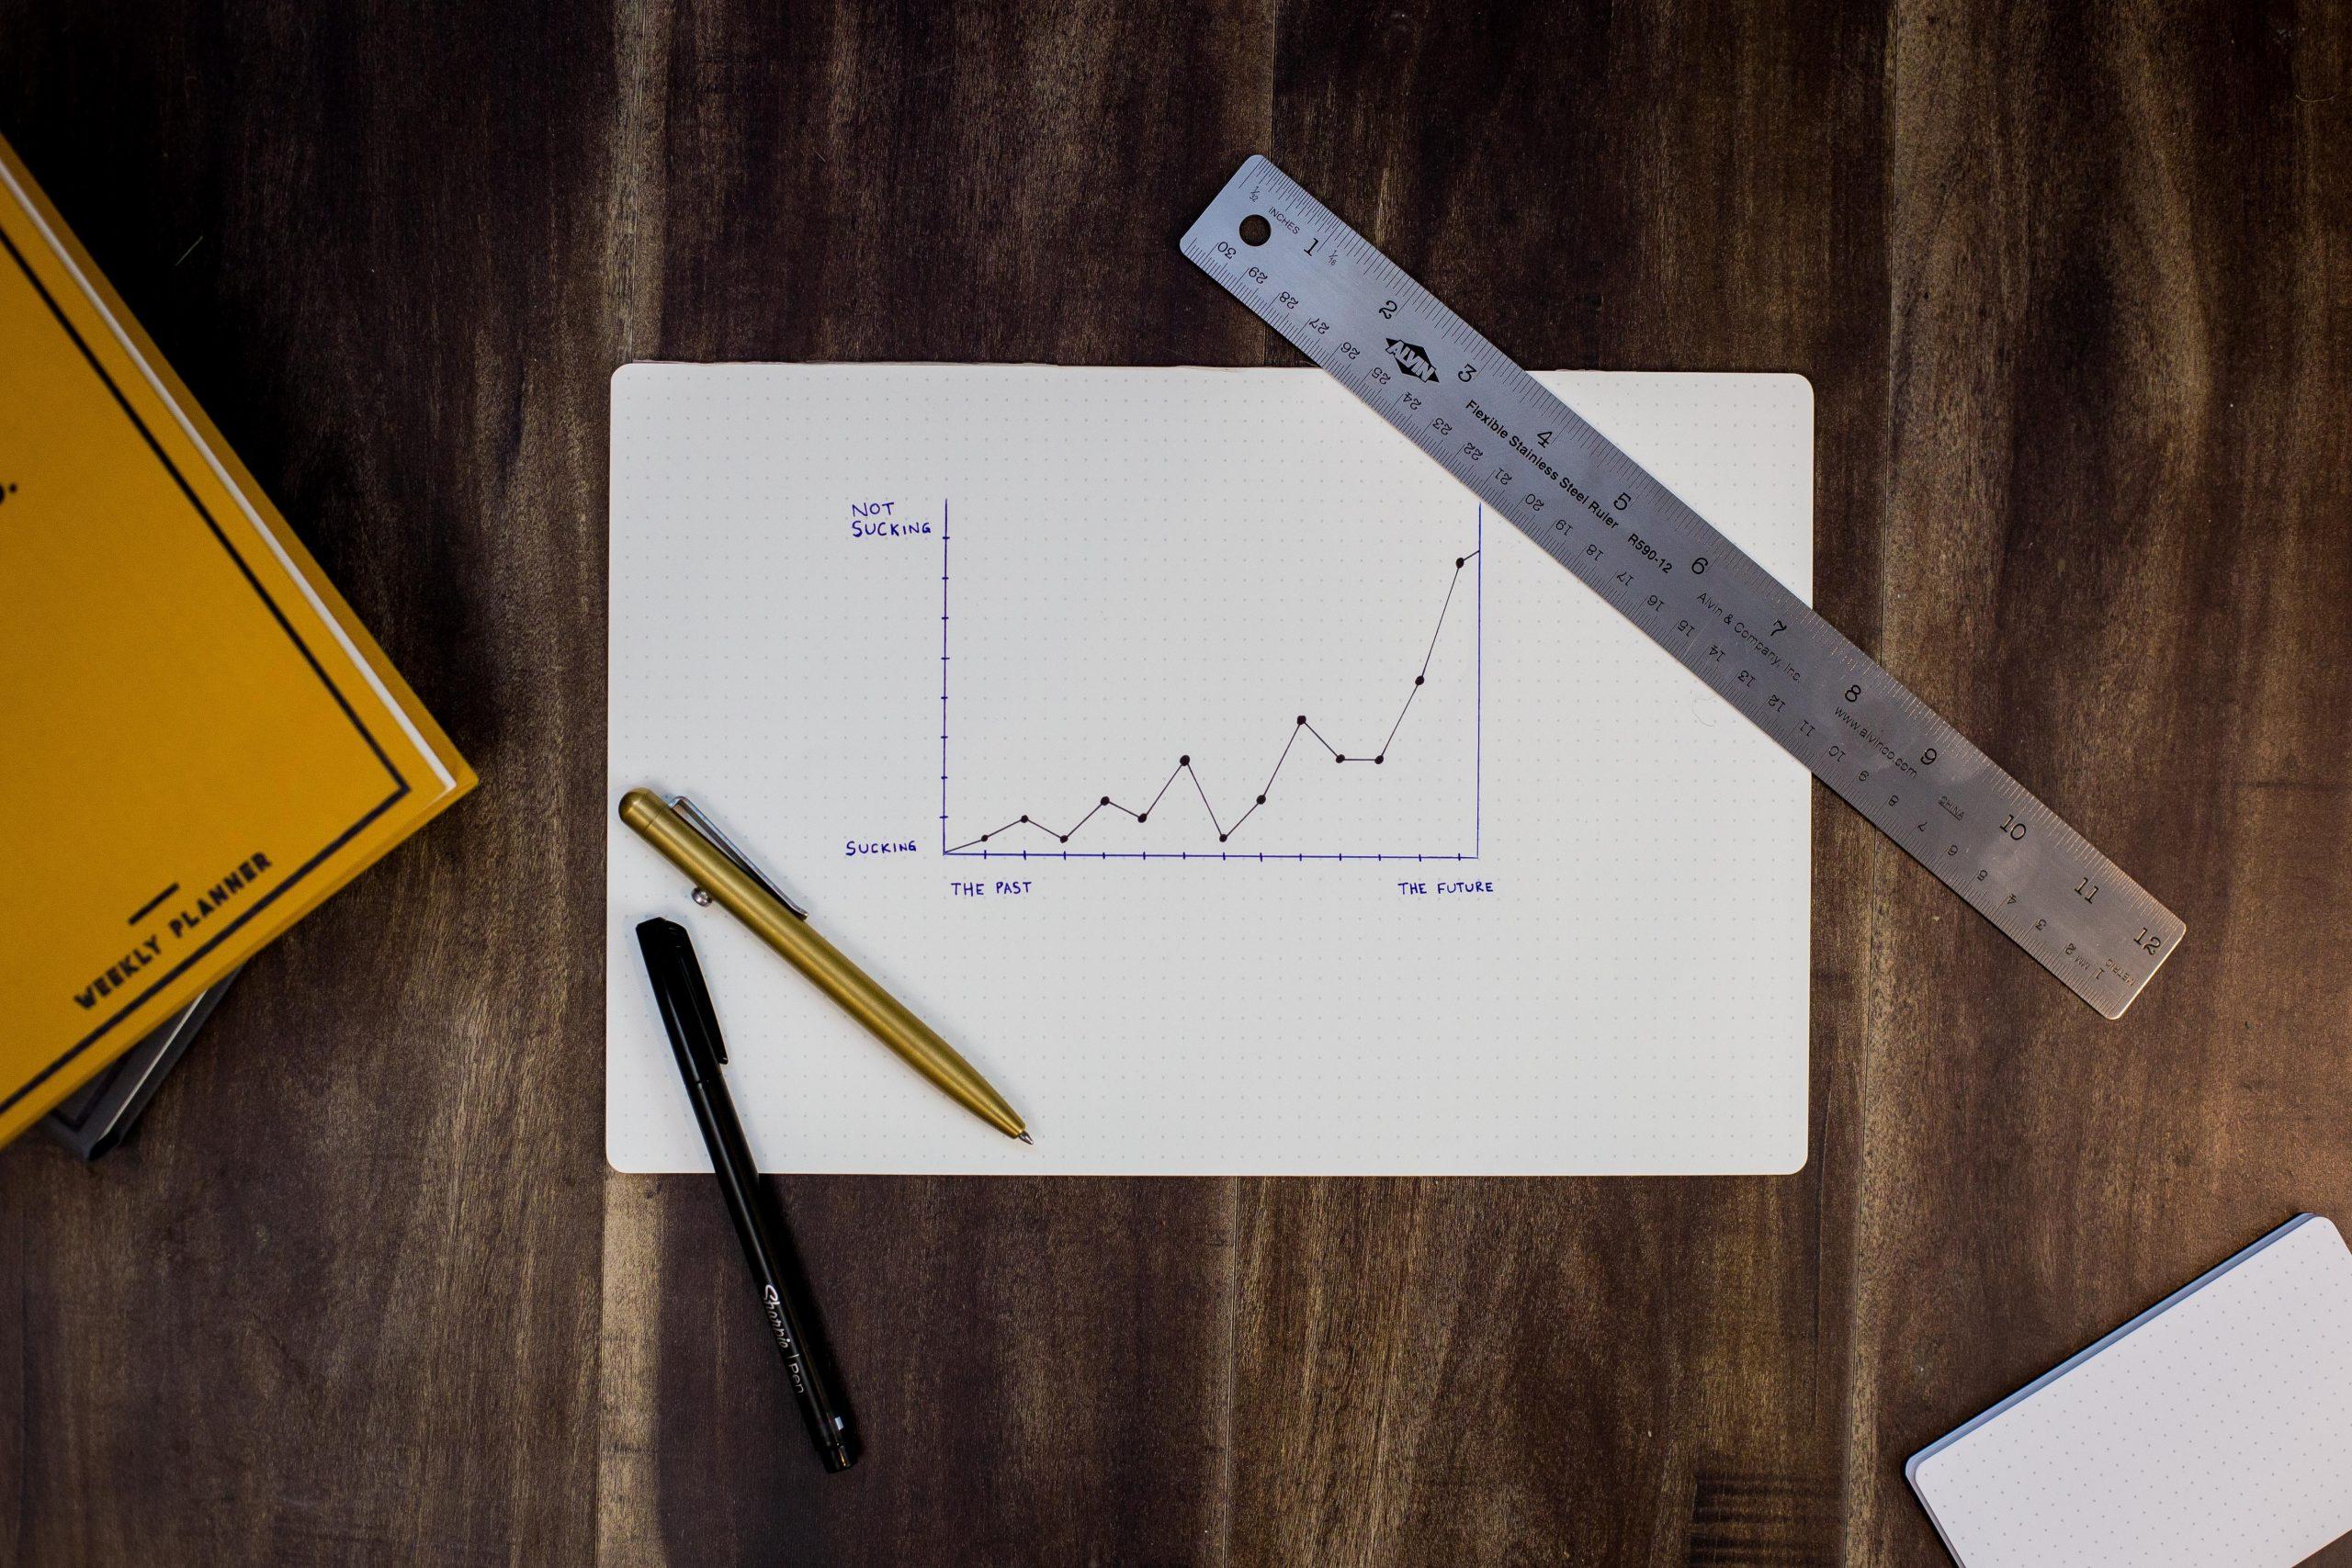 Statistiques sur papier